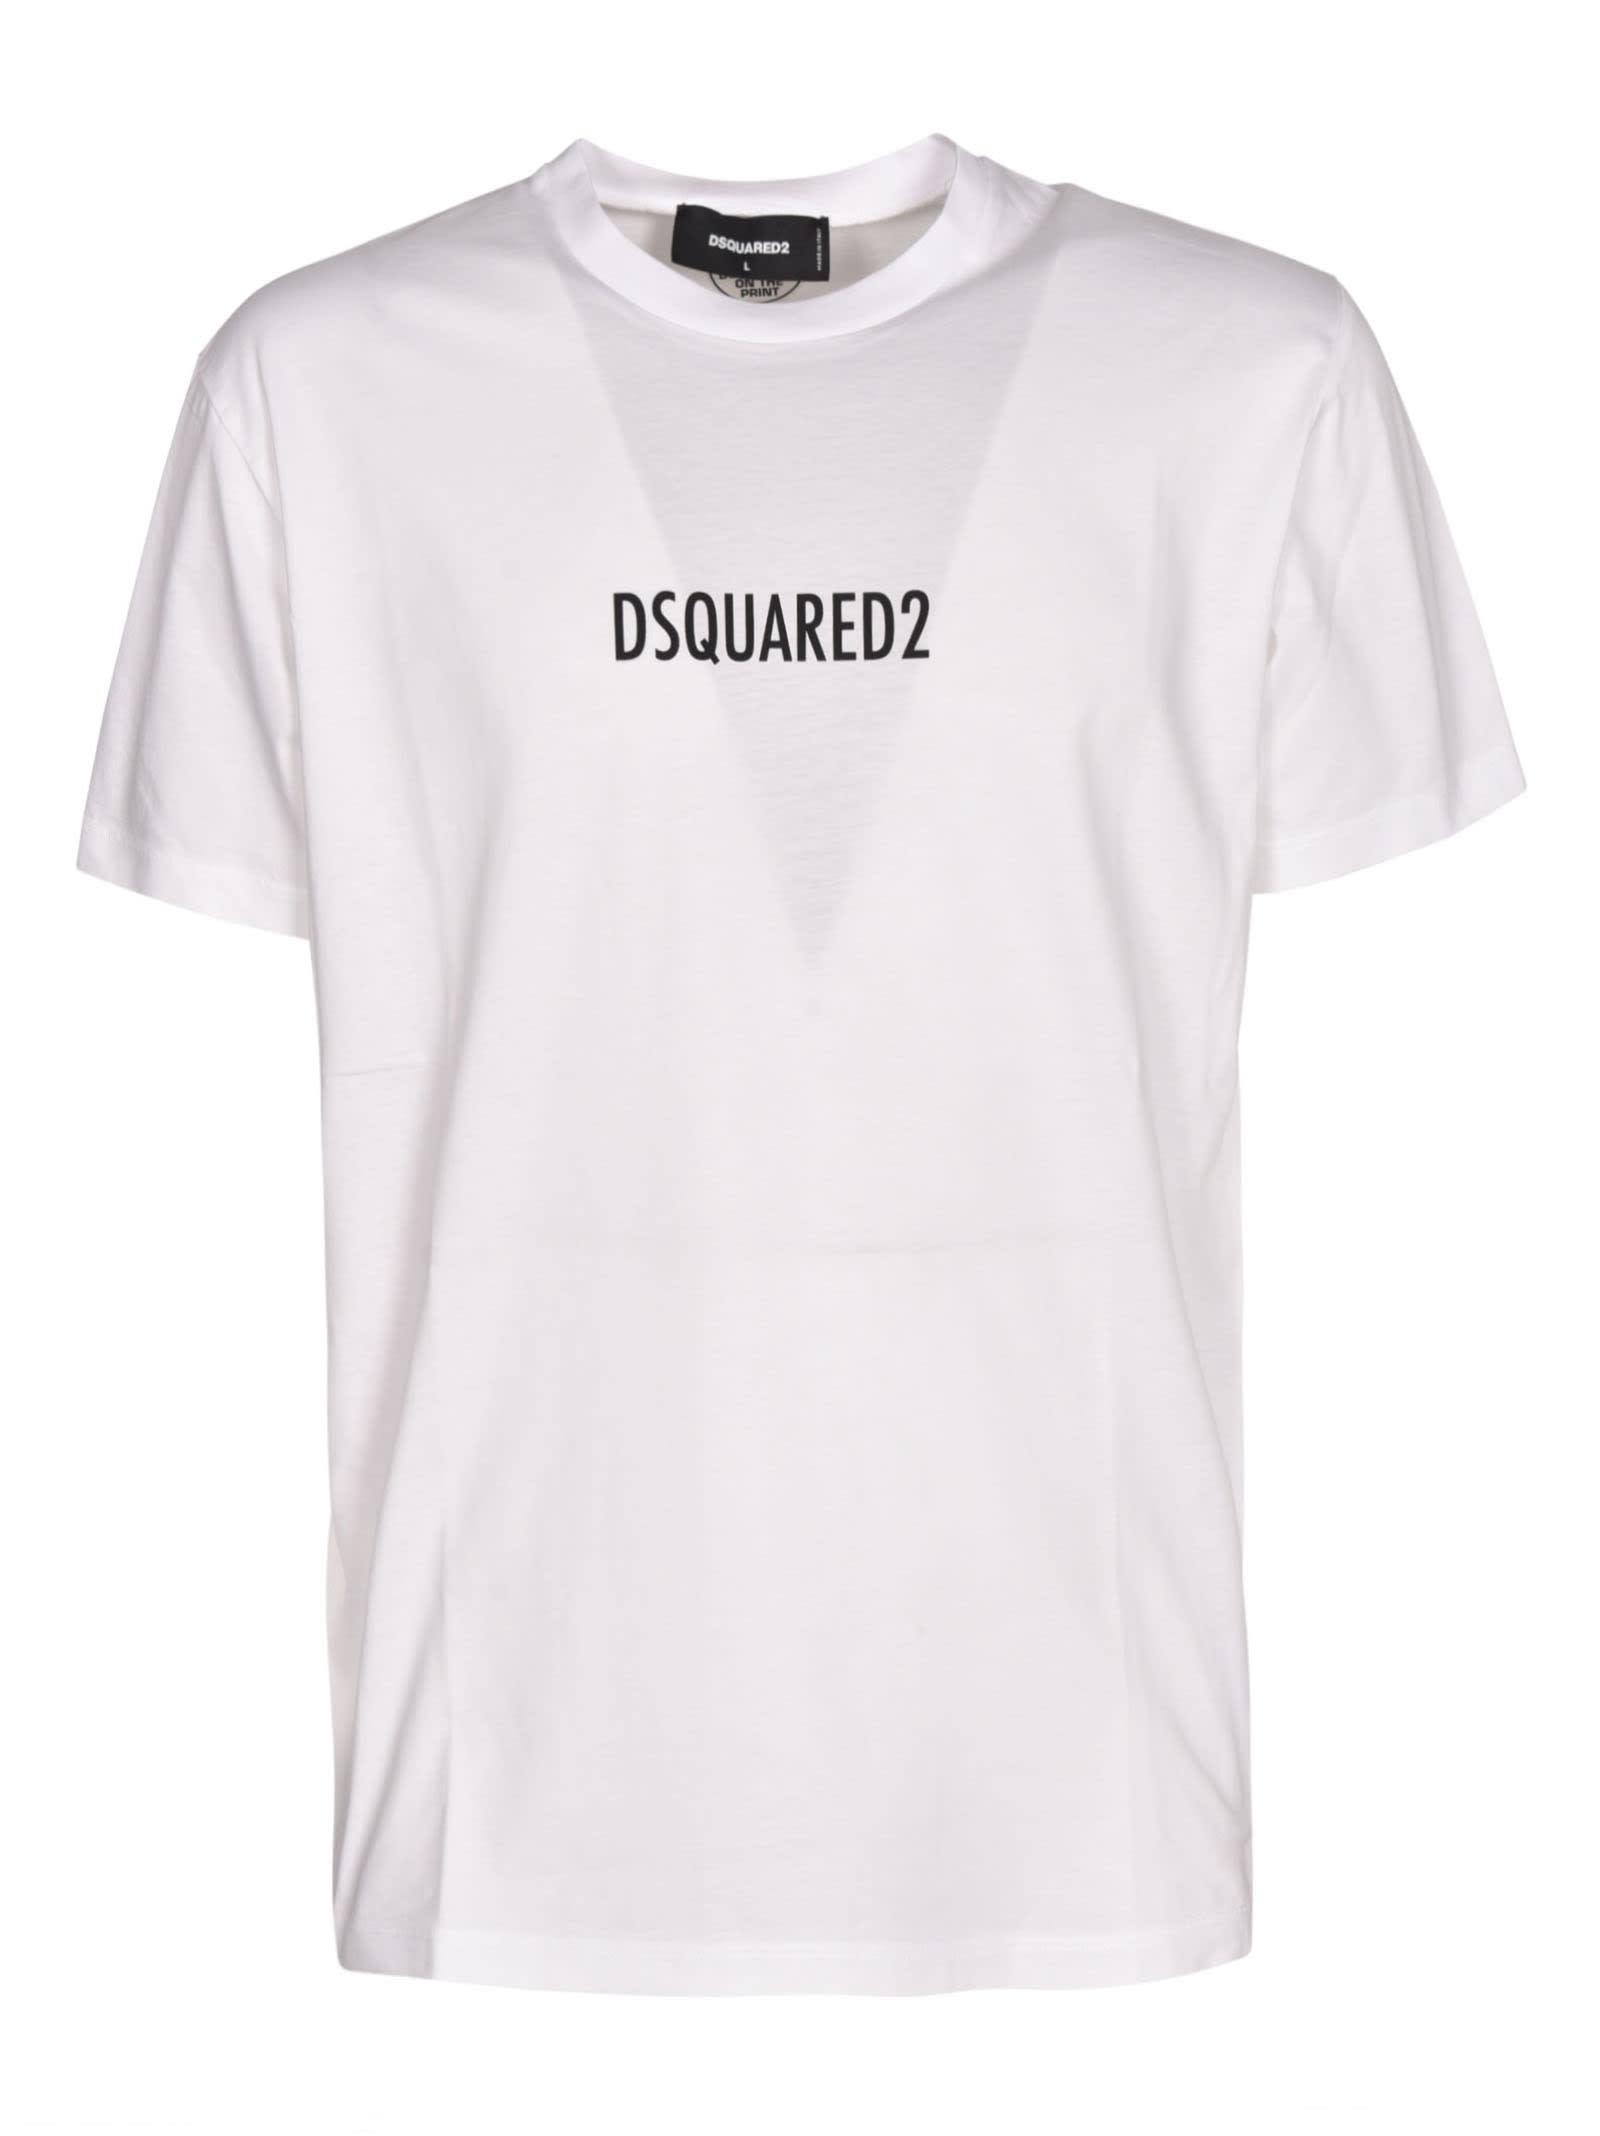 Dsquared2 Dean & Dan Caten Logo T-shirt